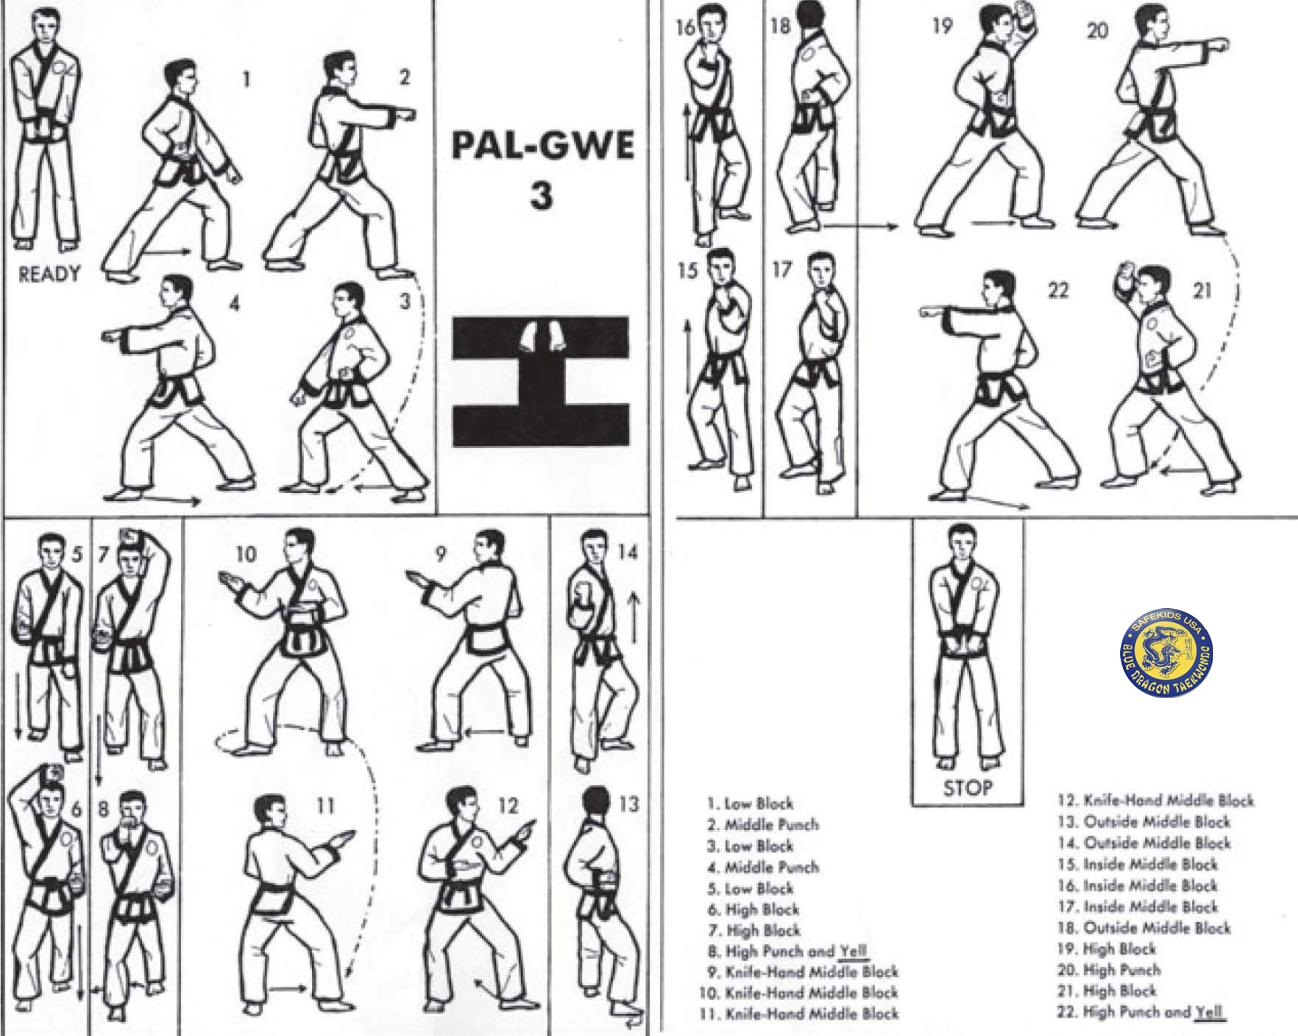 Palgwe3a